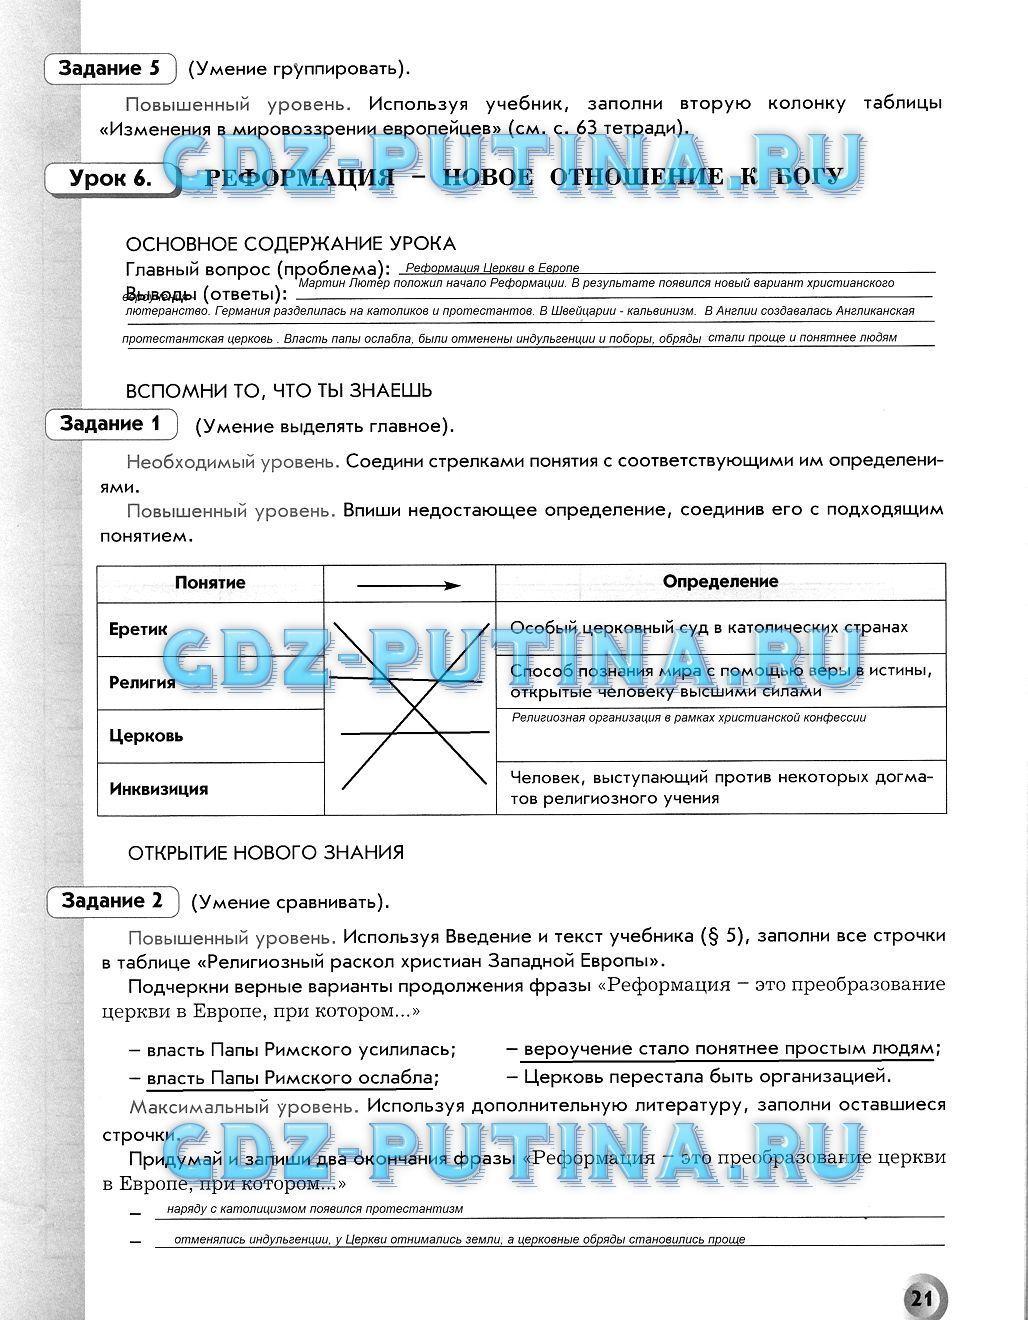 Решебник списывай ру онлайн по истории россии 7 класс данилов списывай ру